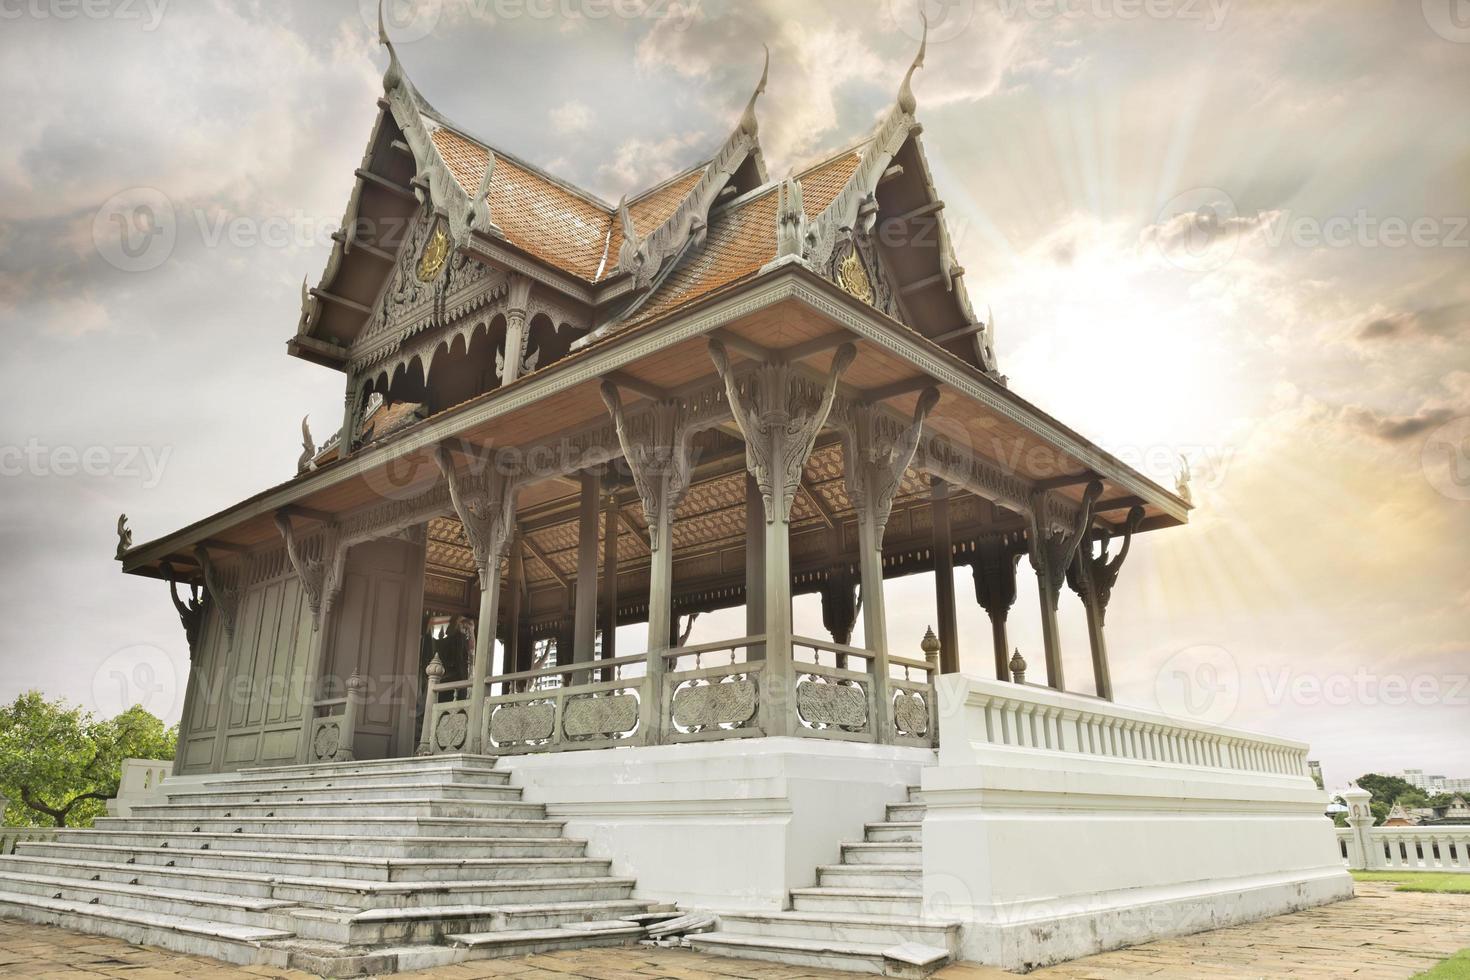 antiguo palacio real tailandés en jardín foto